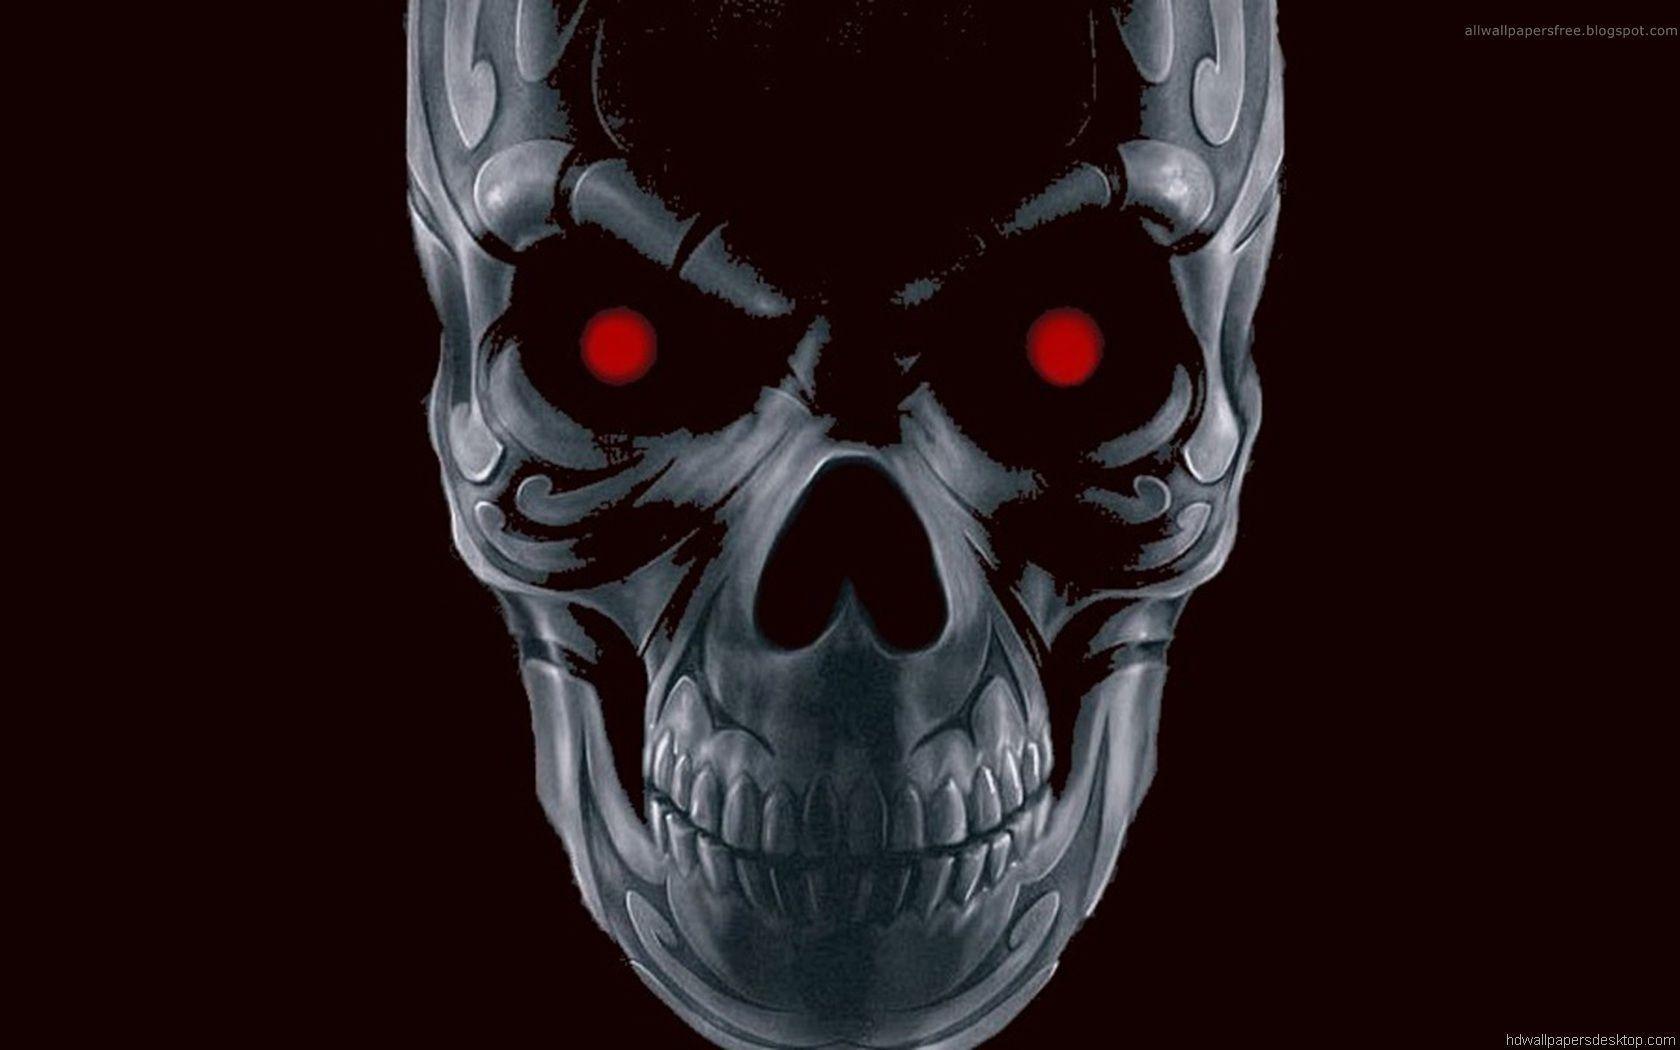 Wallpaper Hd Horror 3d